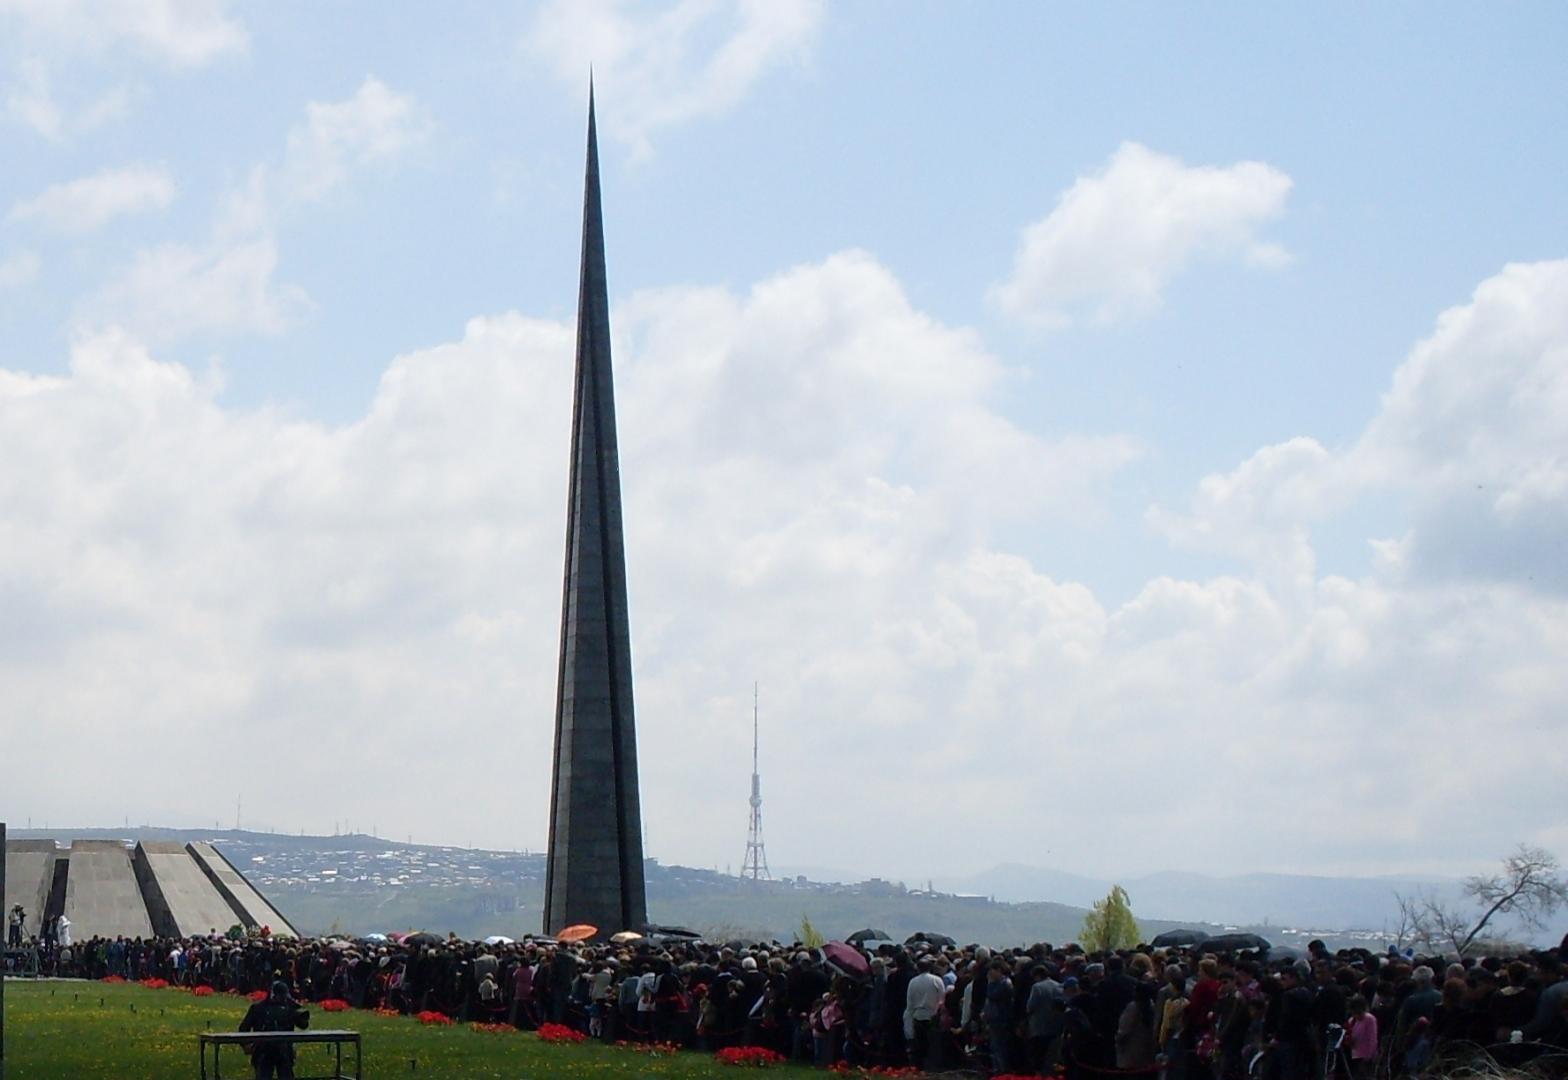 Традиционное шествие к мемориальному комплексу Геноцида армян в Ереване 24 апреля (2009 год)